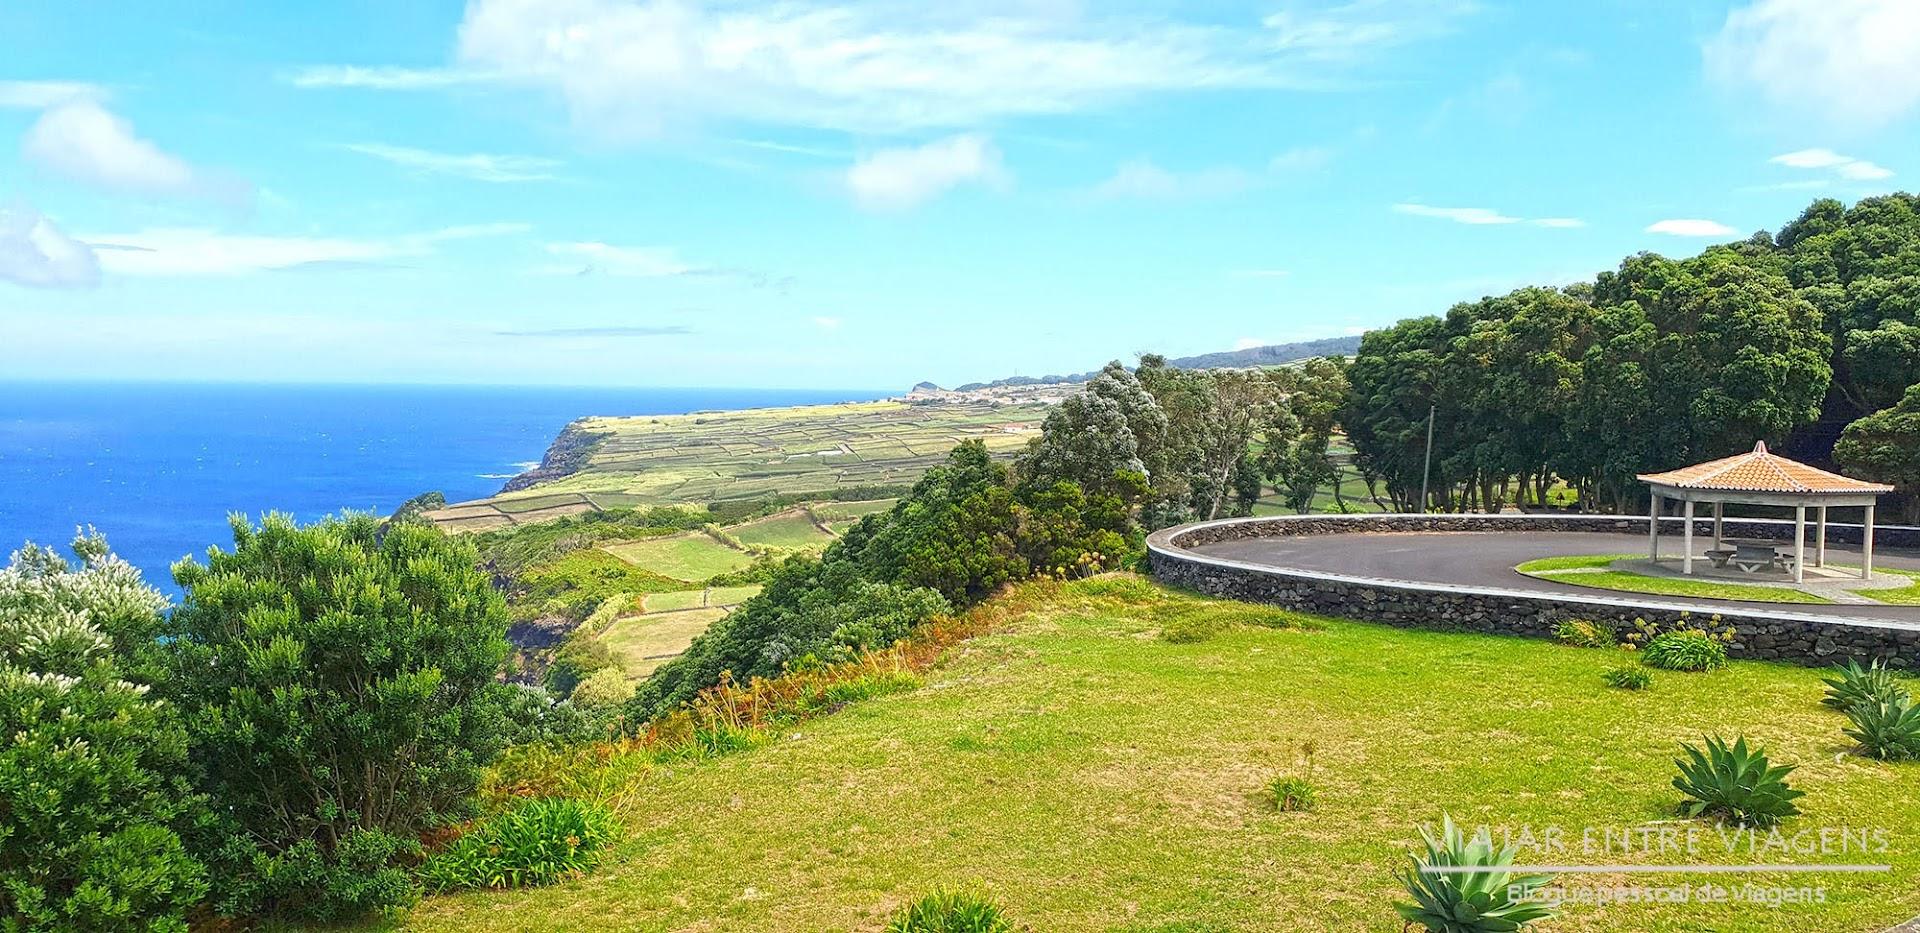 Contemplar as vistas do Miradouro da Serreta, na ilha Terceira